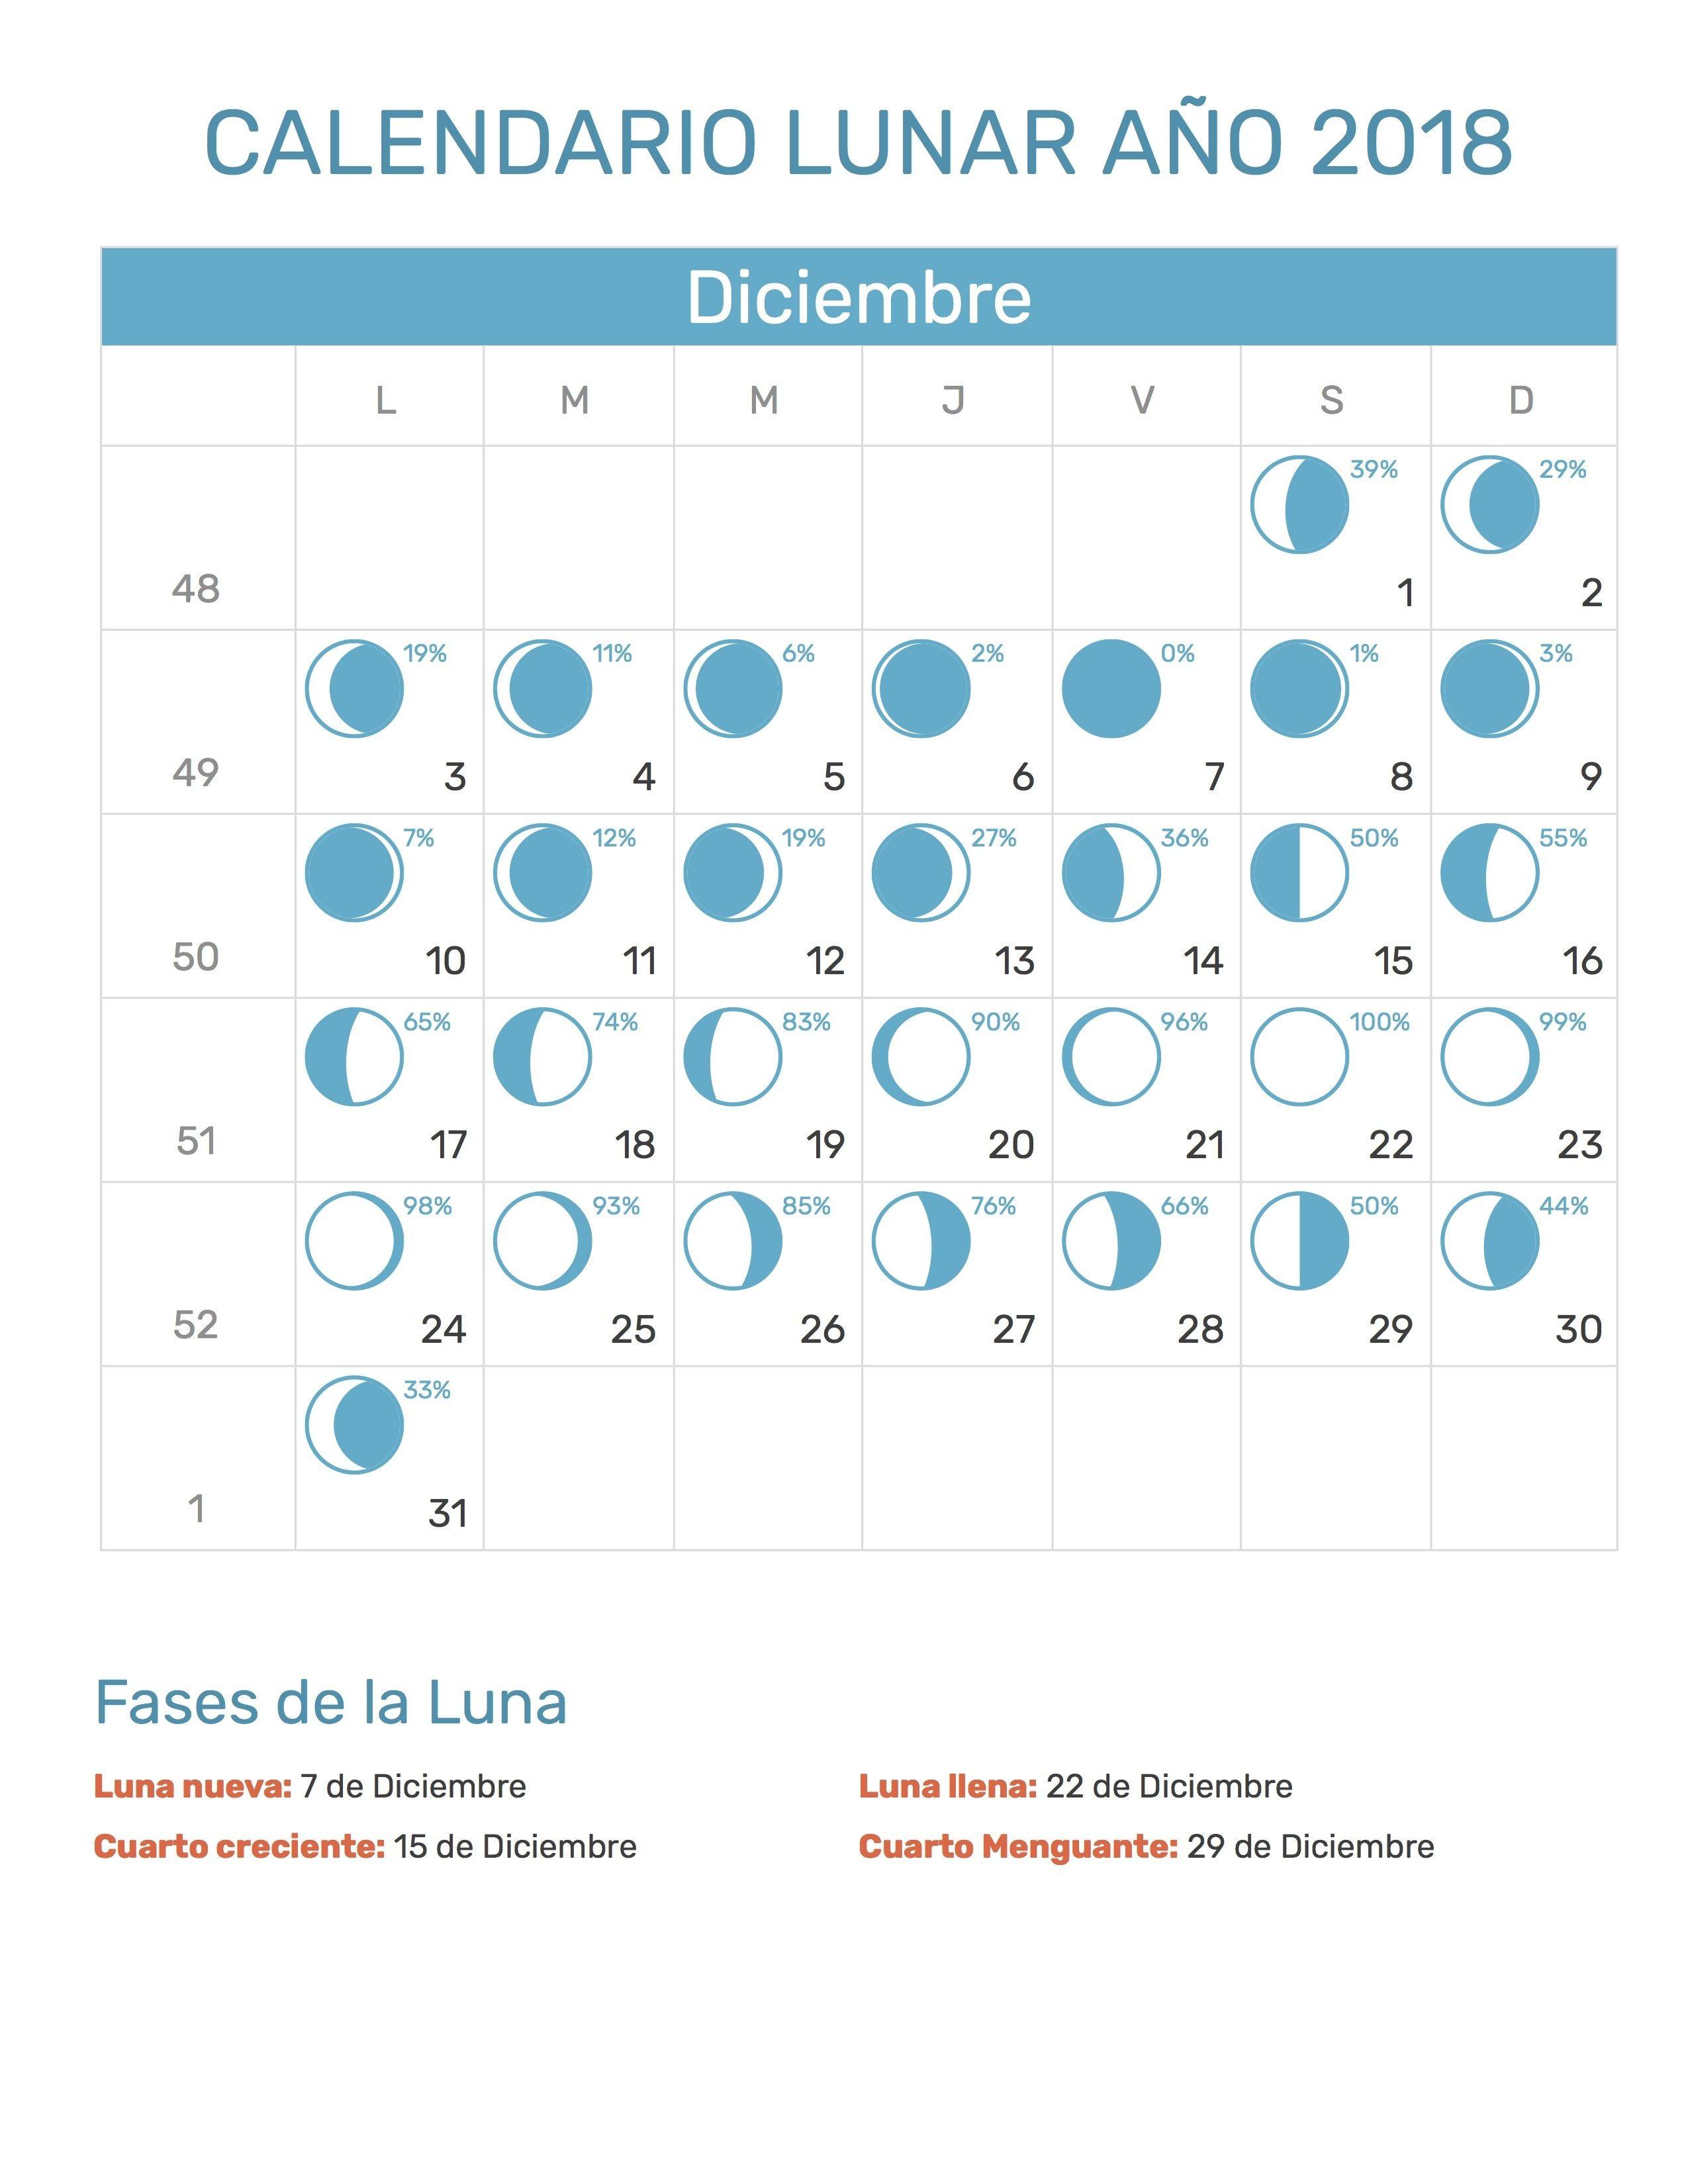 Pin de Calendario Hispano en Calendario Lunar a±o 2018 Pinterest